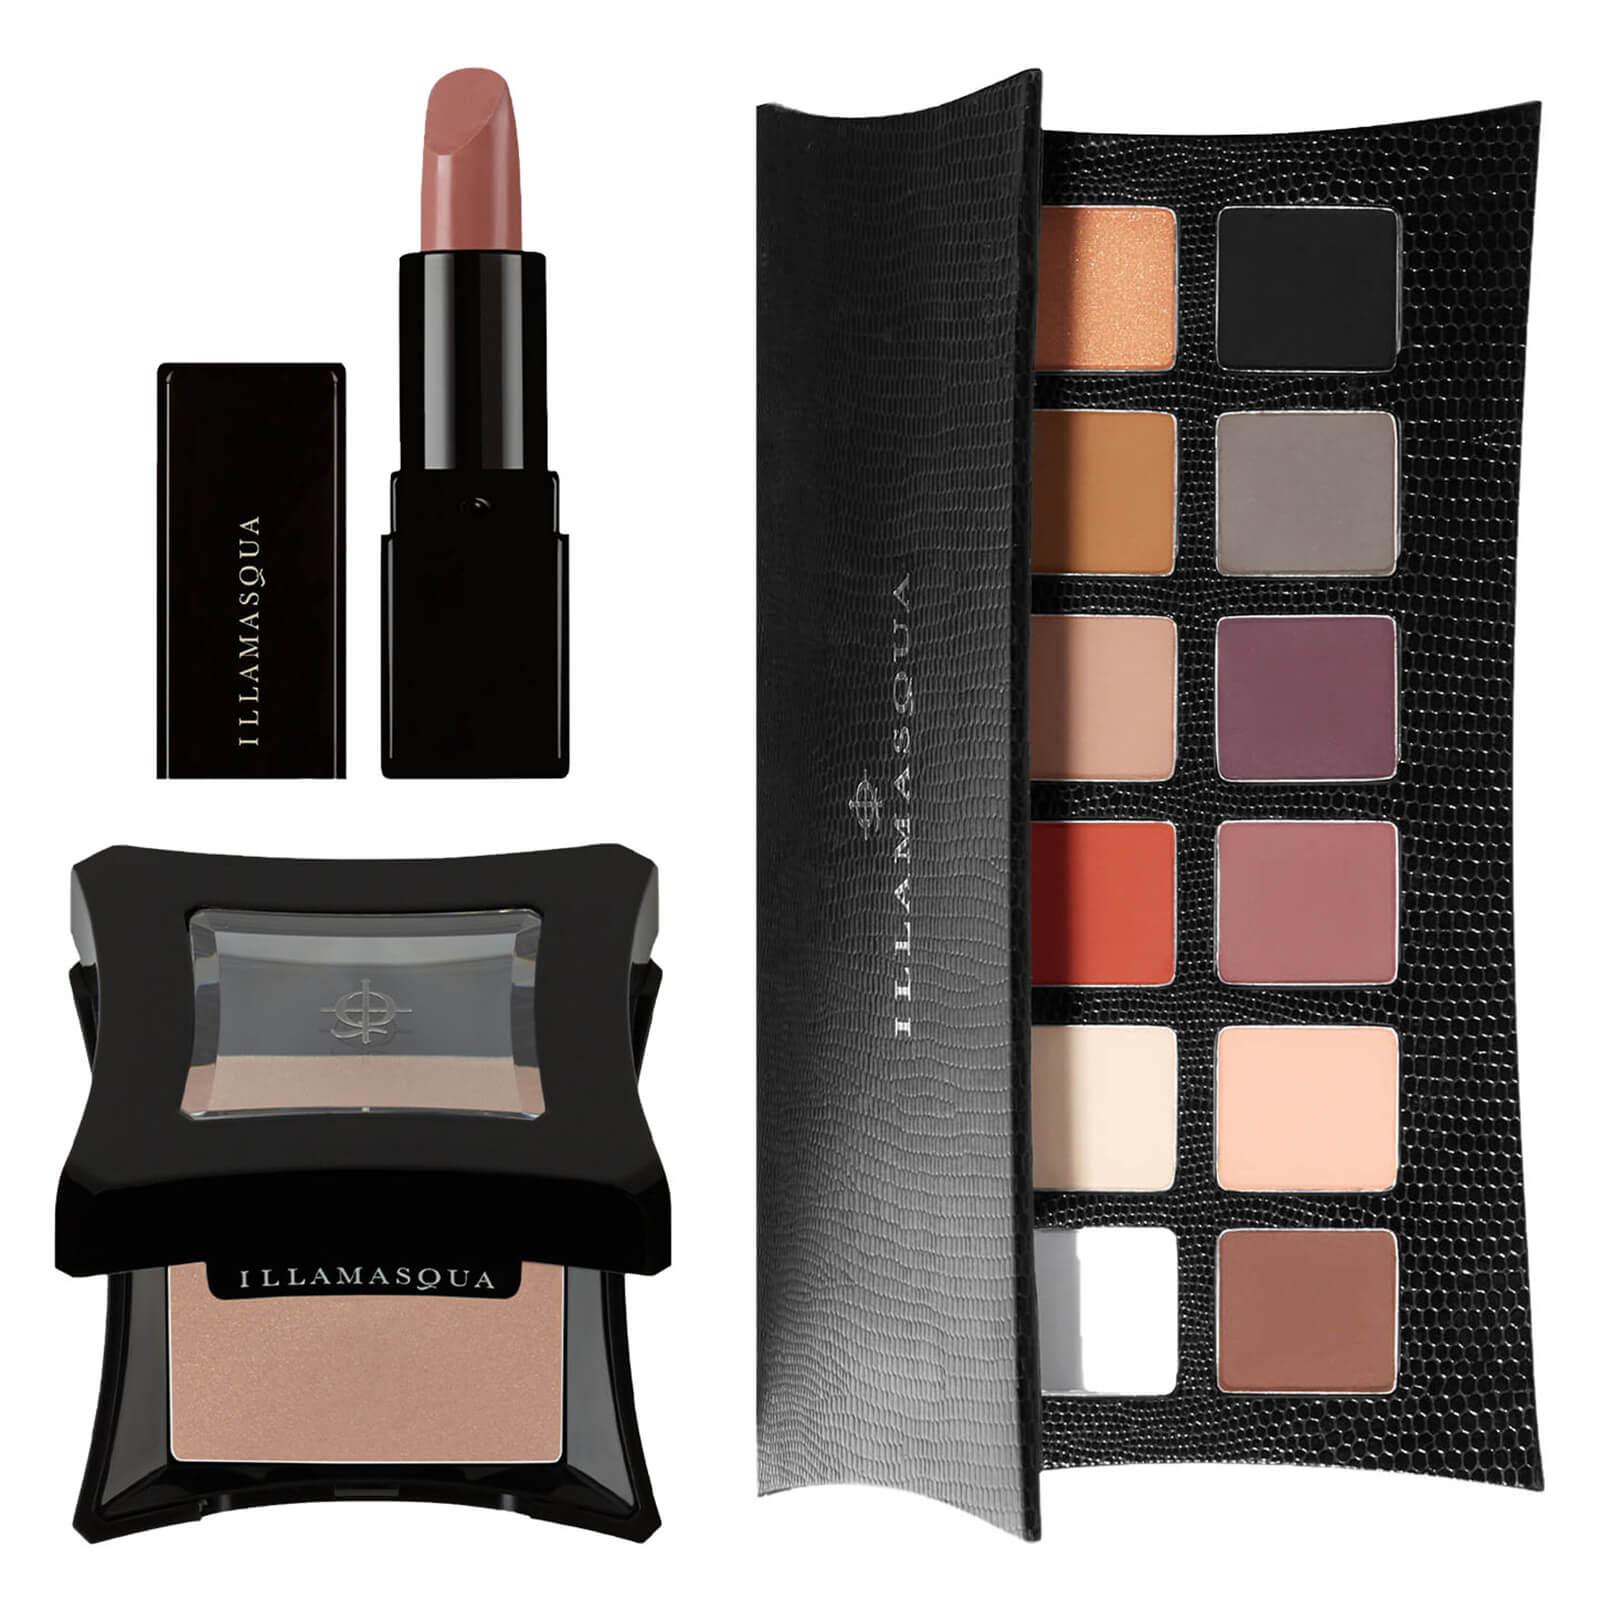 Illamasqua's Fashion Week Essentials (Worth £83.00)